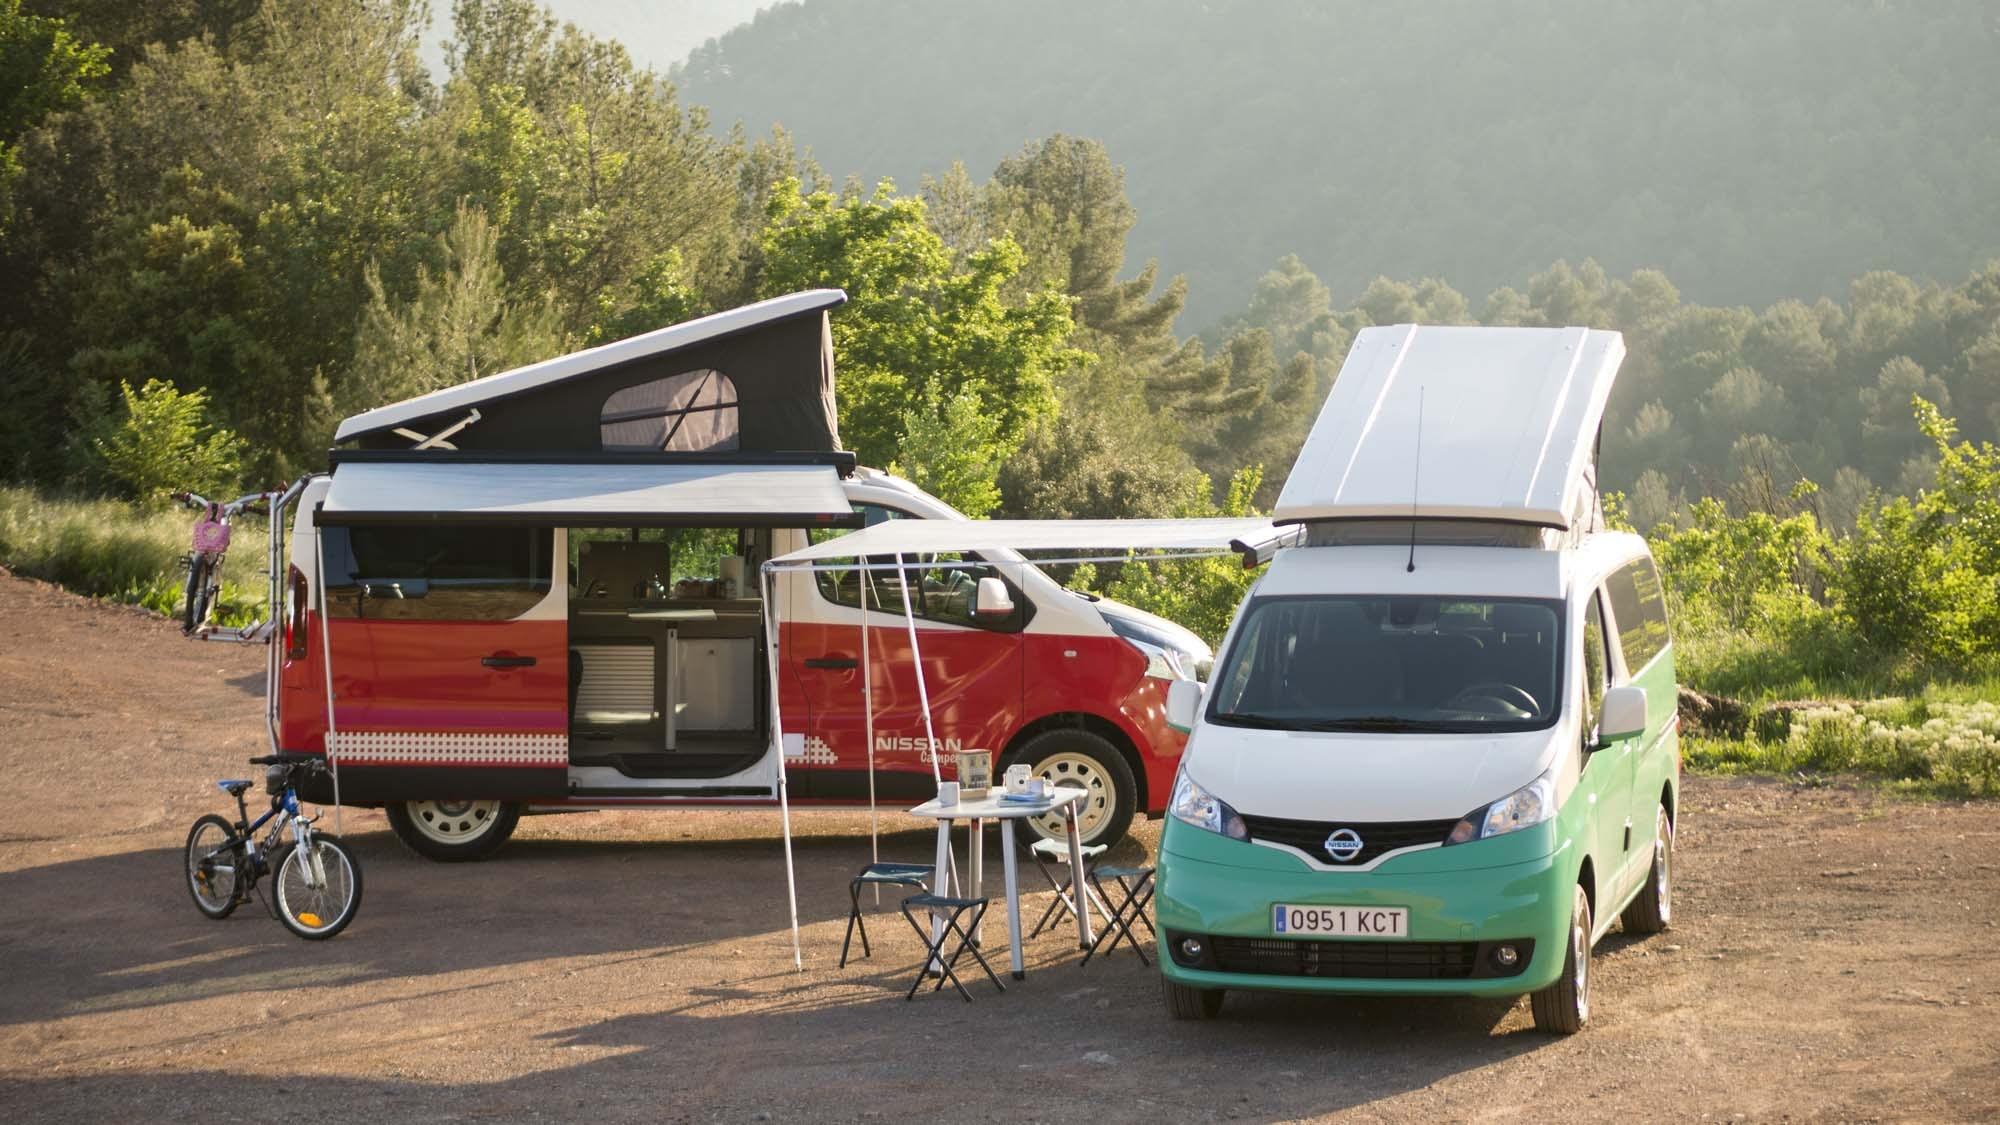 Το καλοκαίρι στη Μαδρίτη γίνεται πιο συναρπαστικό,με τα Nissan Camper van